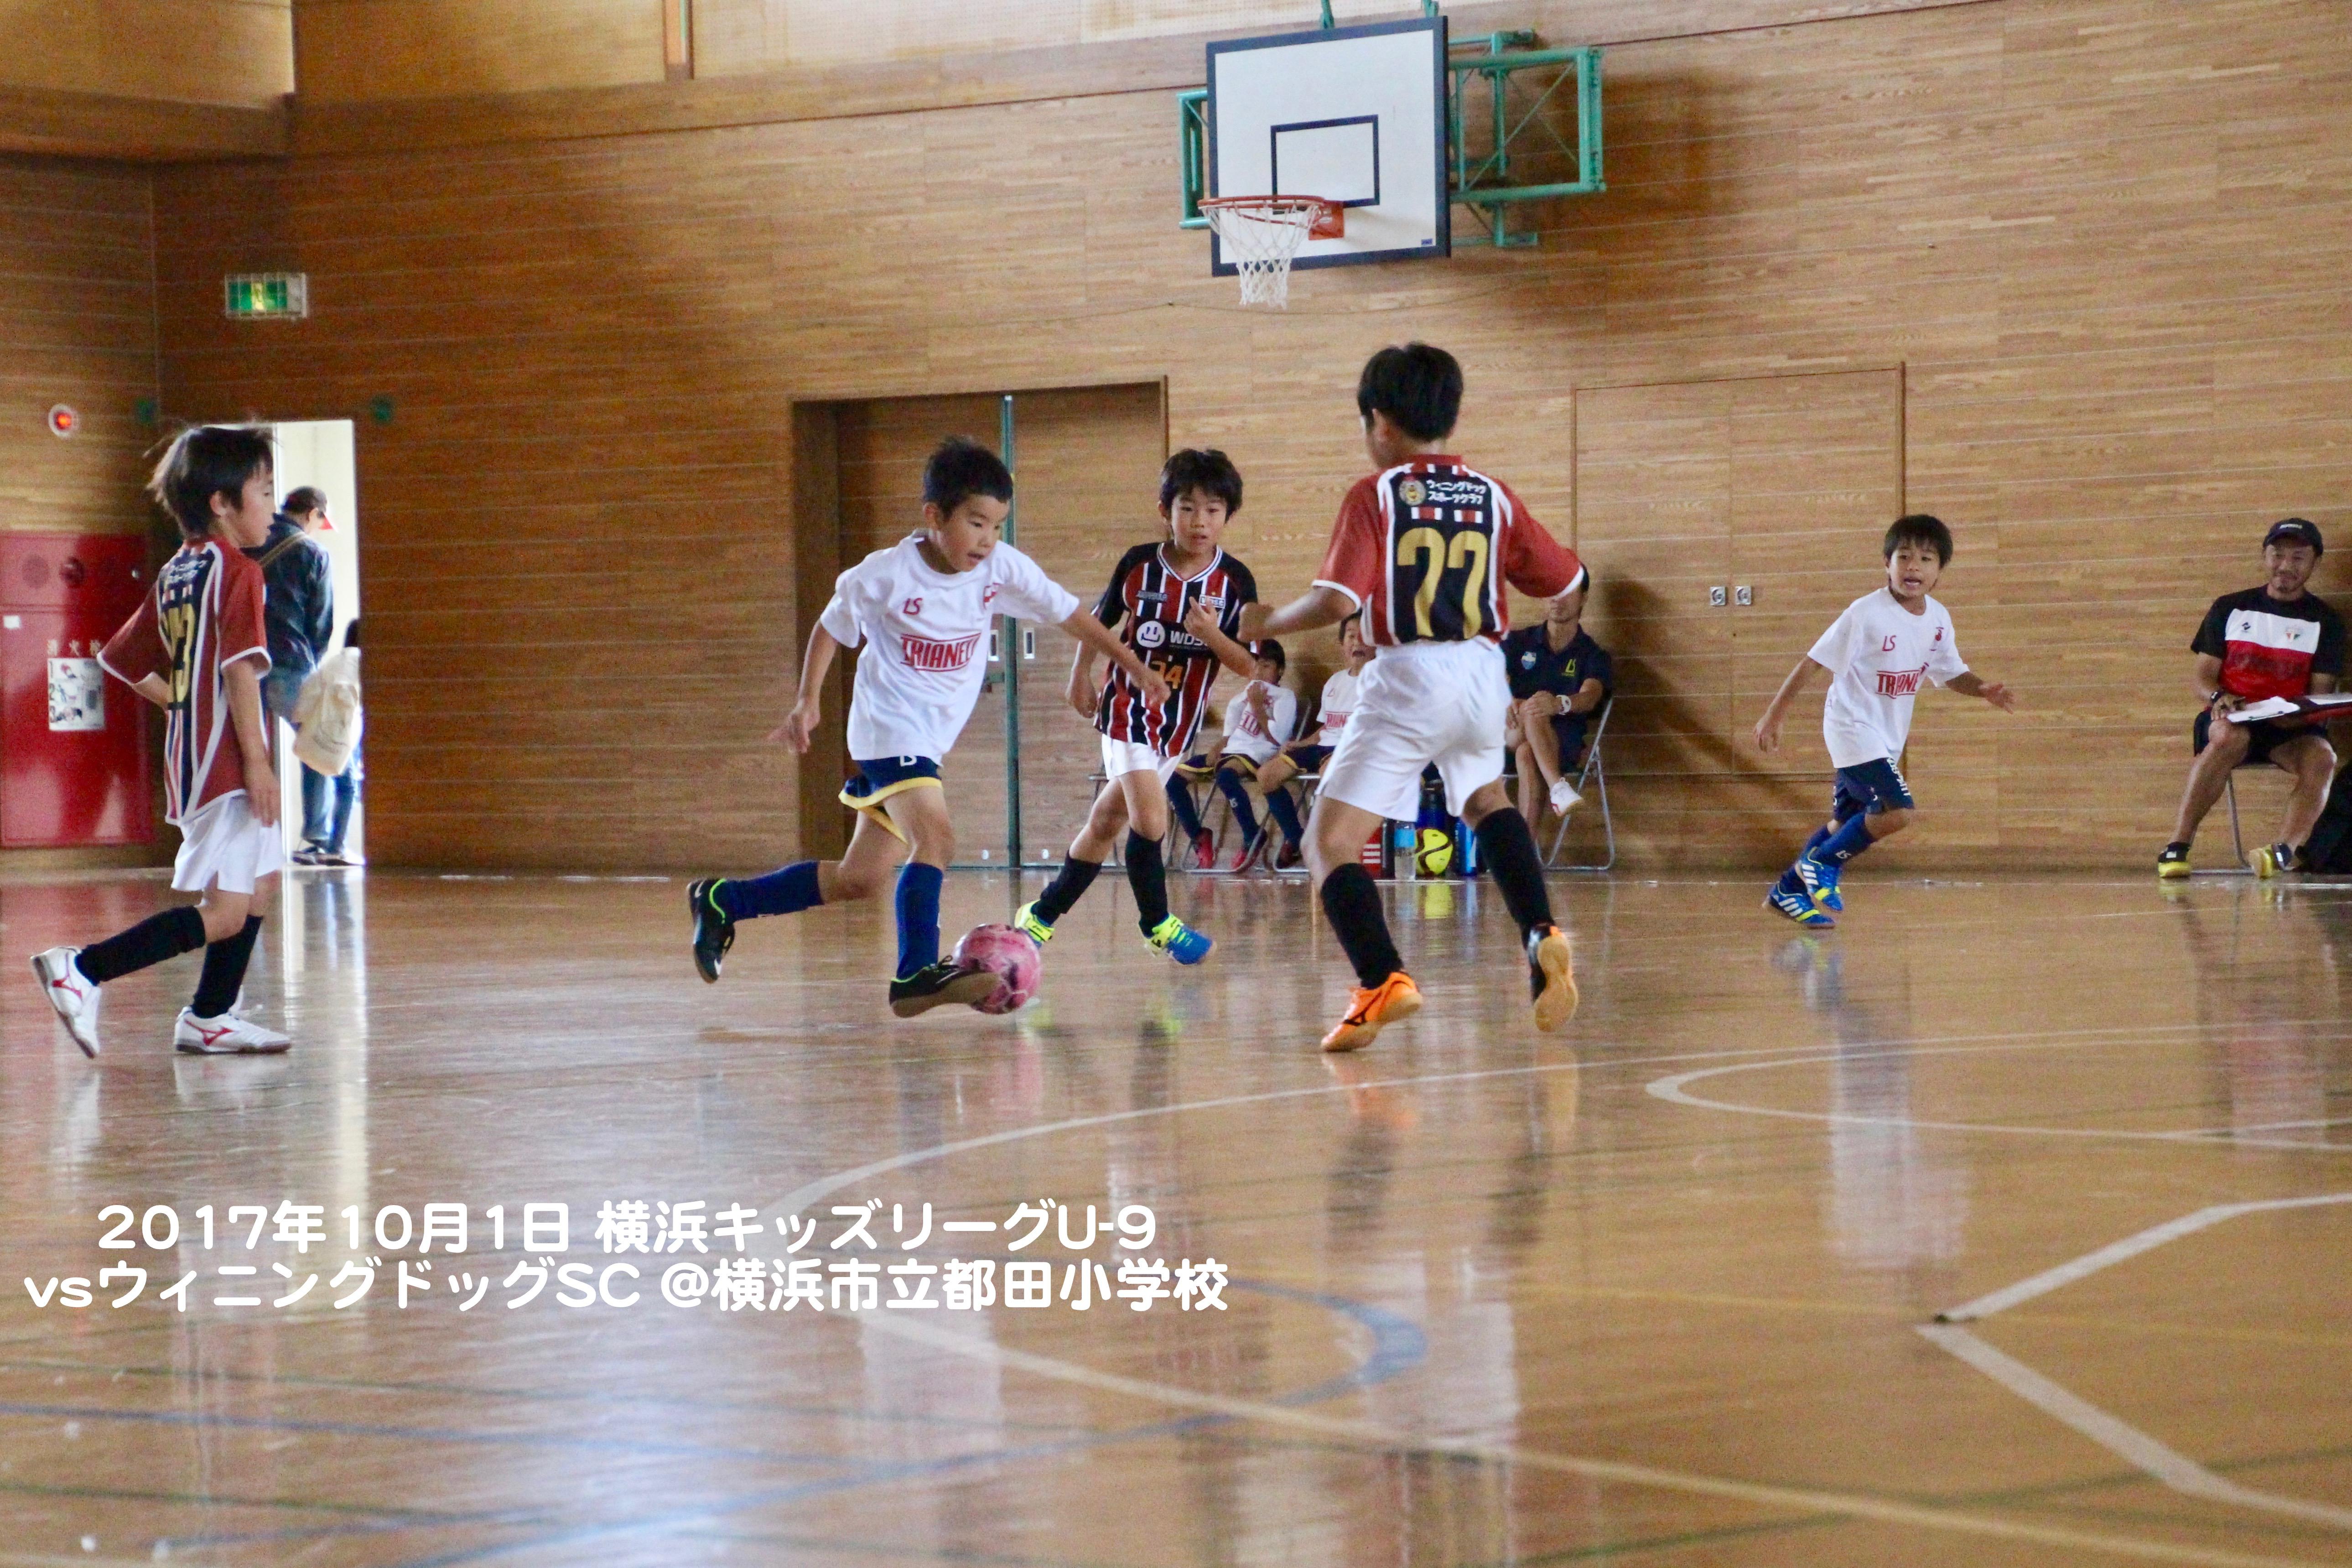 171001yokohamakidu2